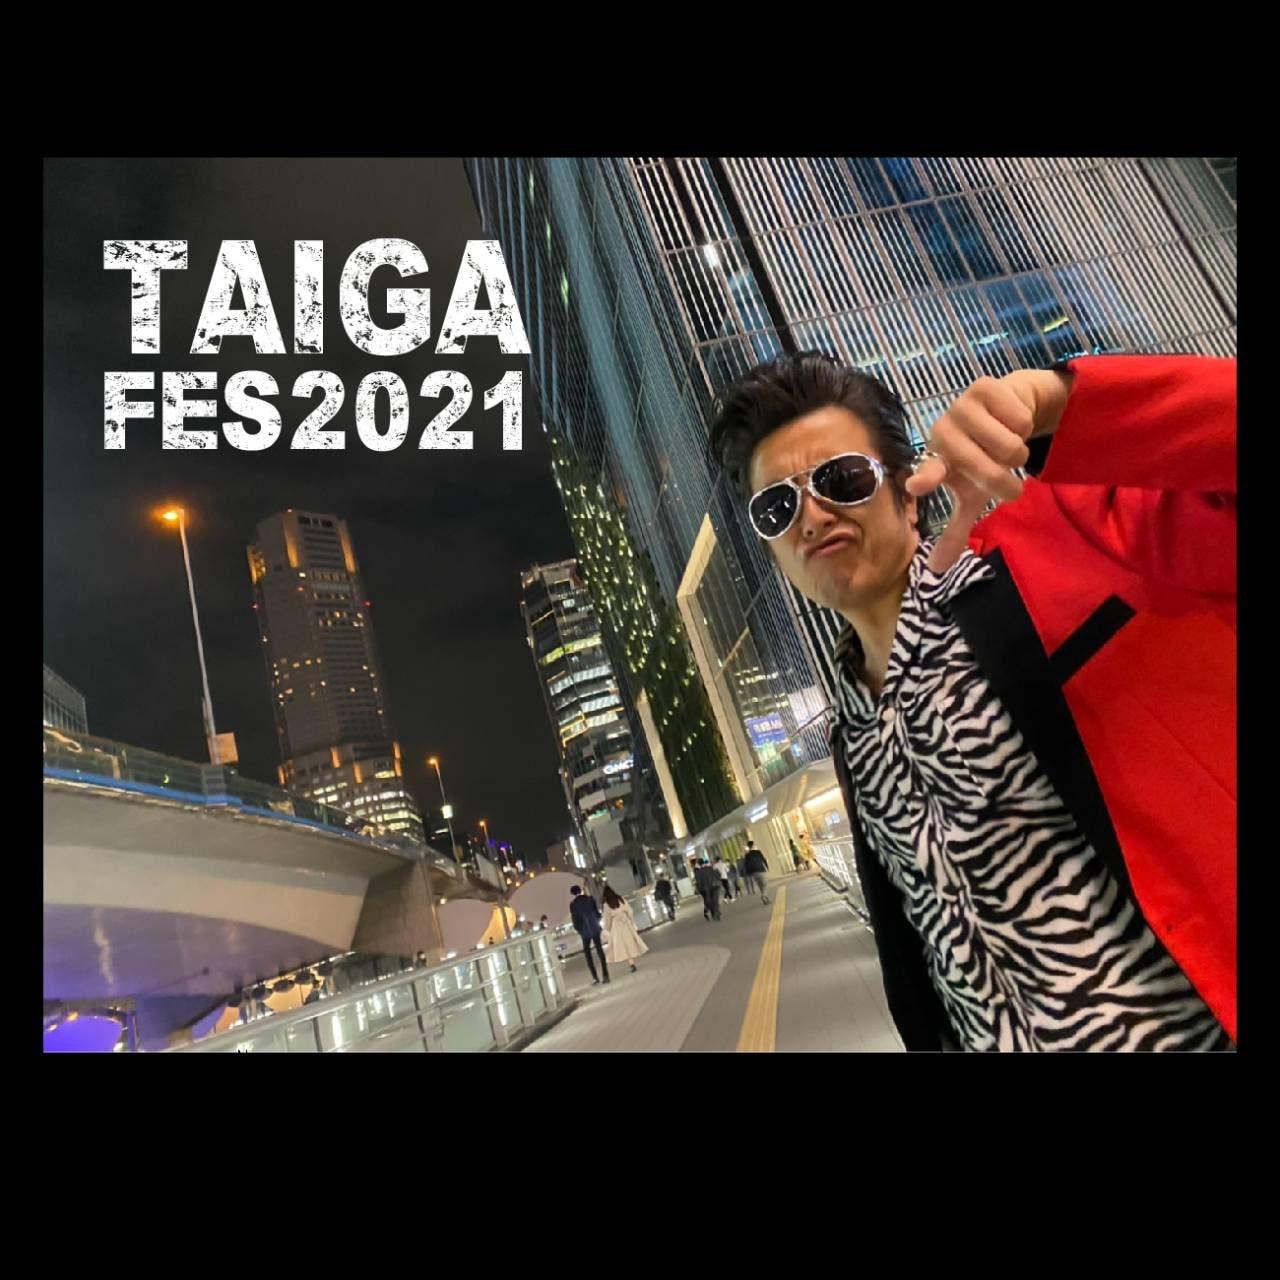 TAIGAフェス2021【6/9(水)19:00開場 前売りチケット(整理番号付自由席)】のイメージその1